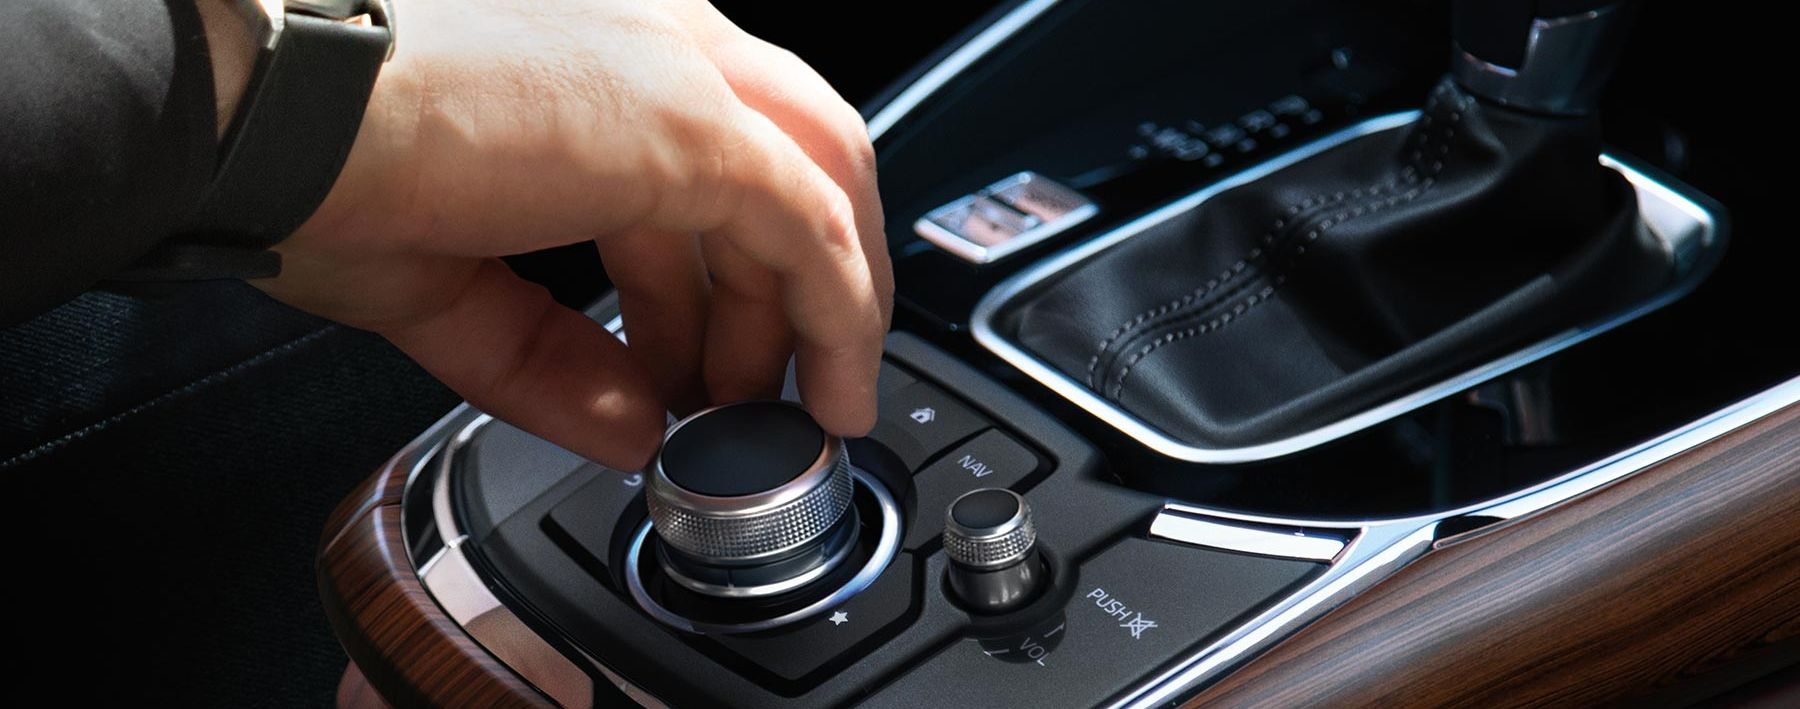 2019 Mazda CX-9 Console